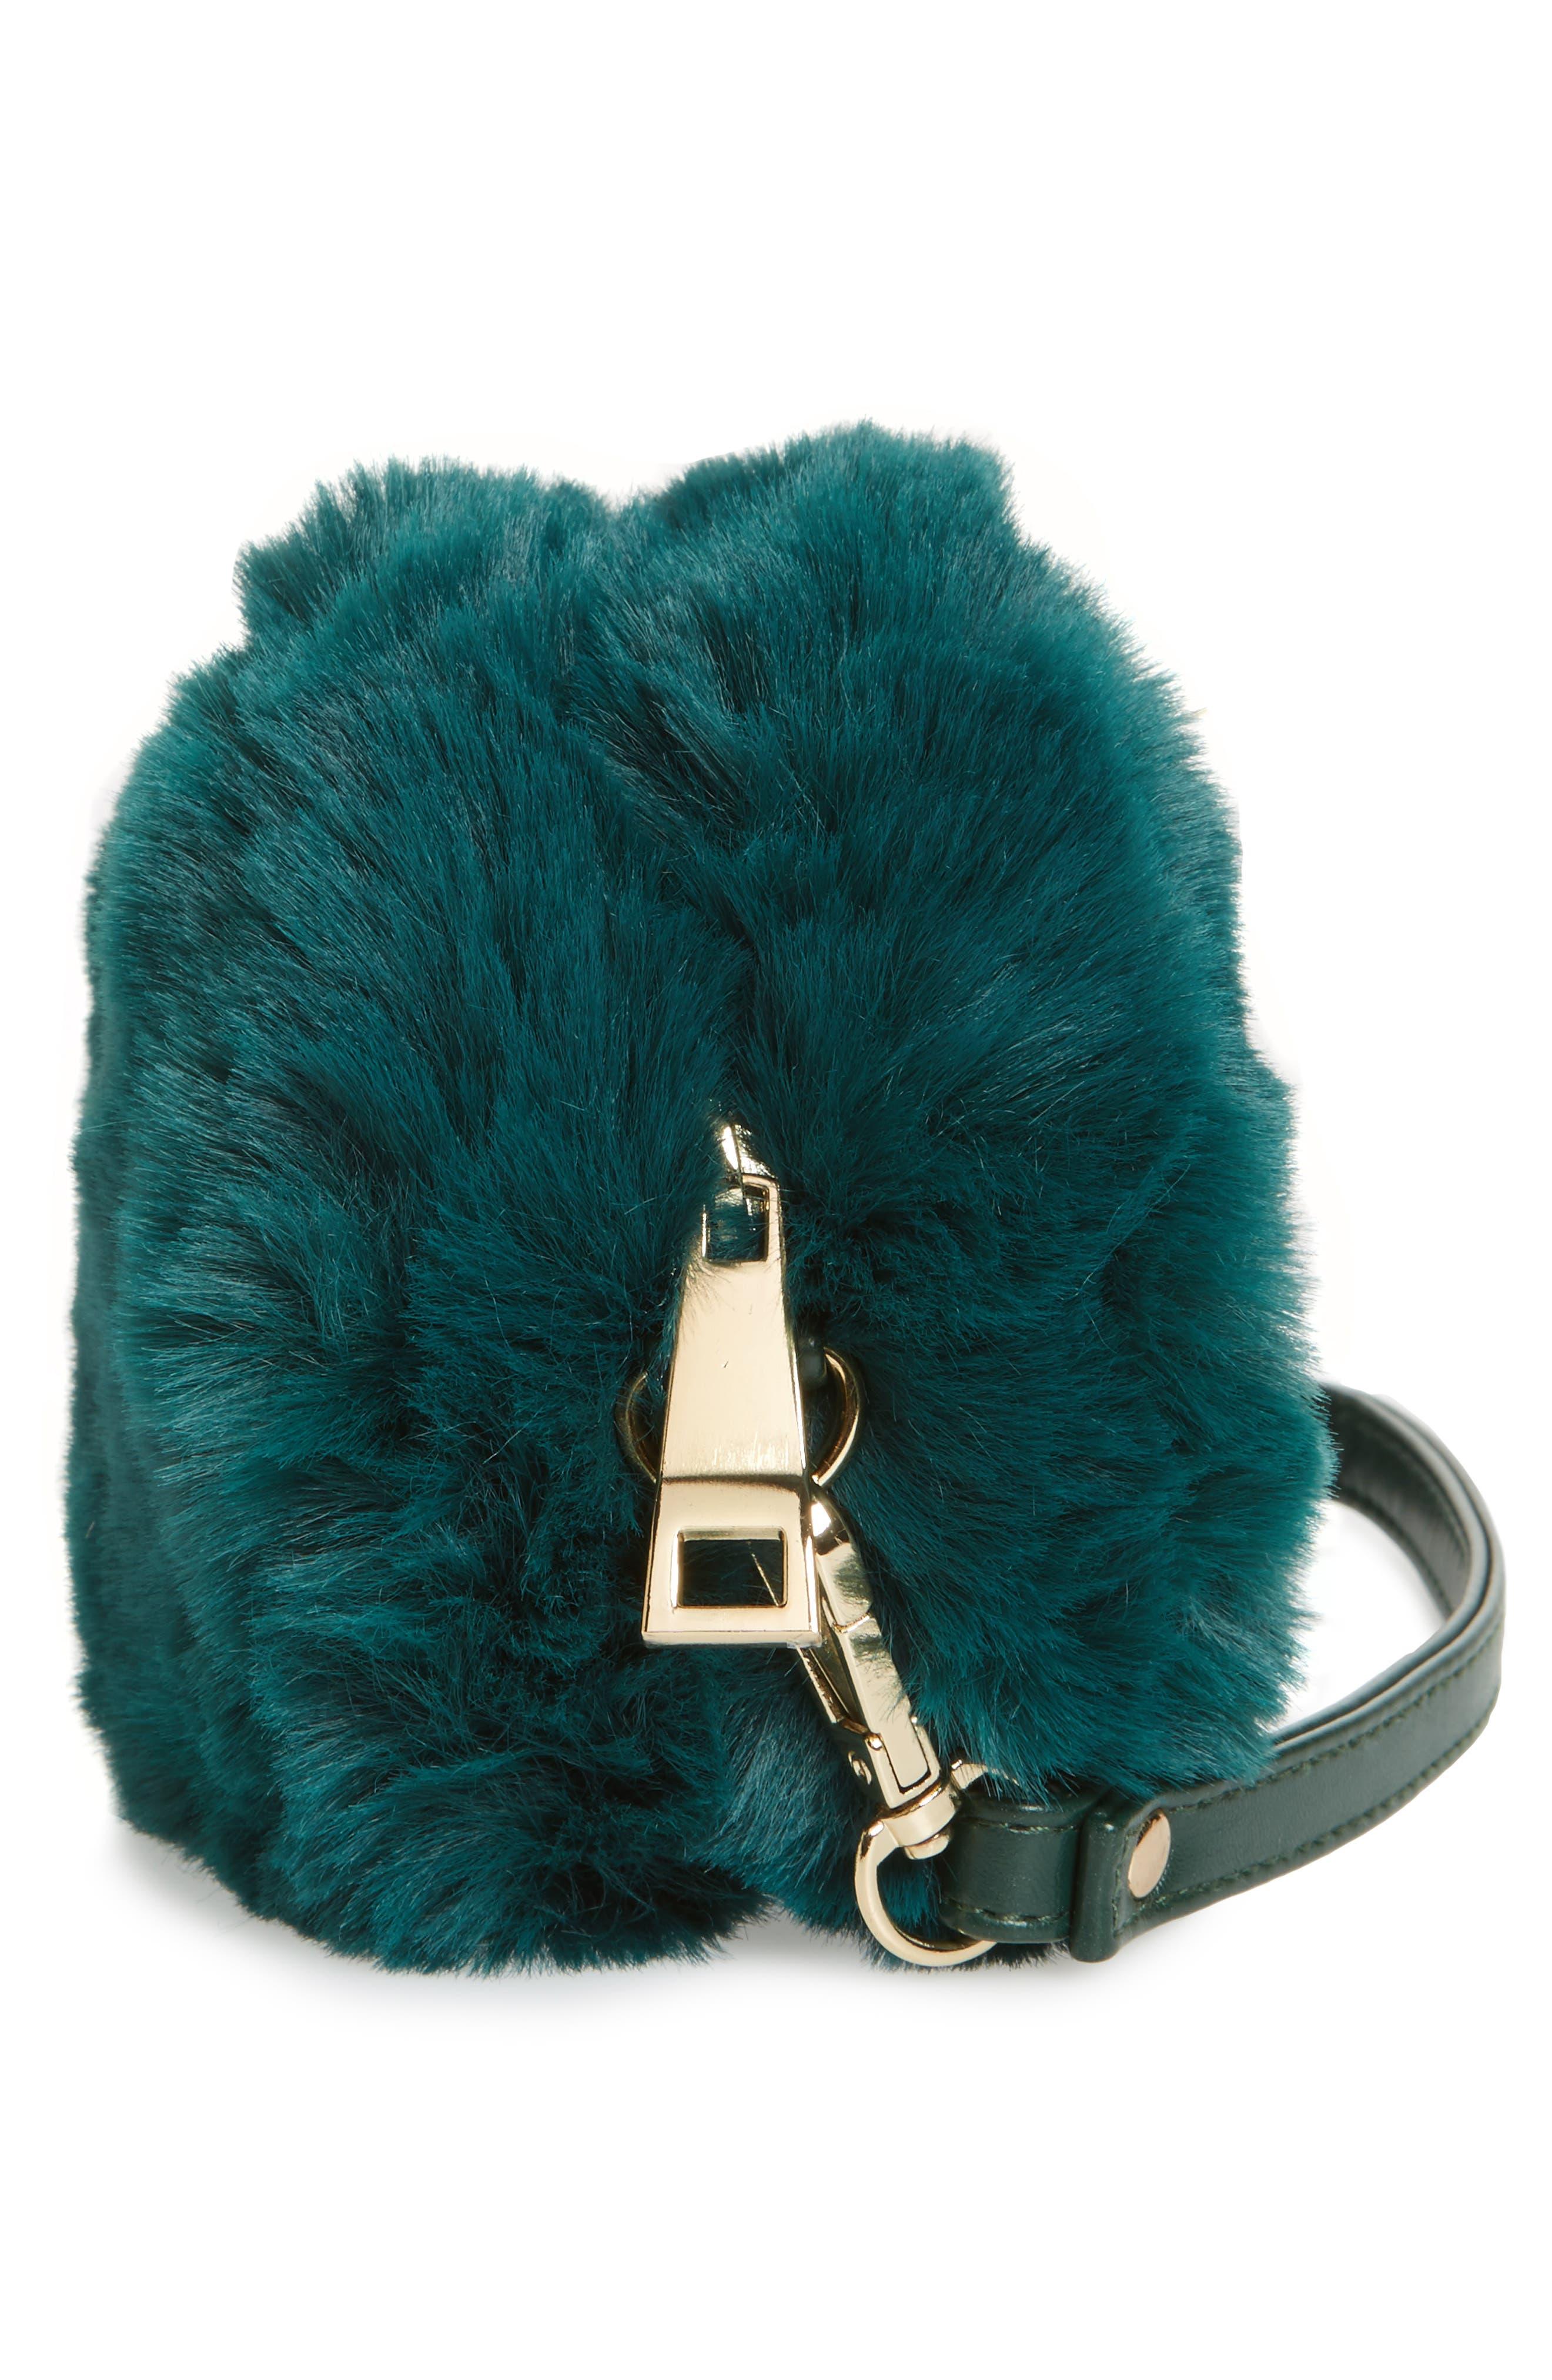 Macaron Faux Fur Wristlet,                             Alternate thumbnail 4, color,                             Green